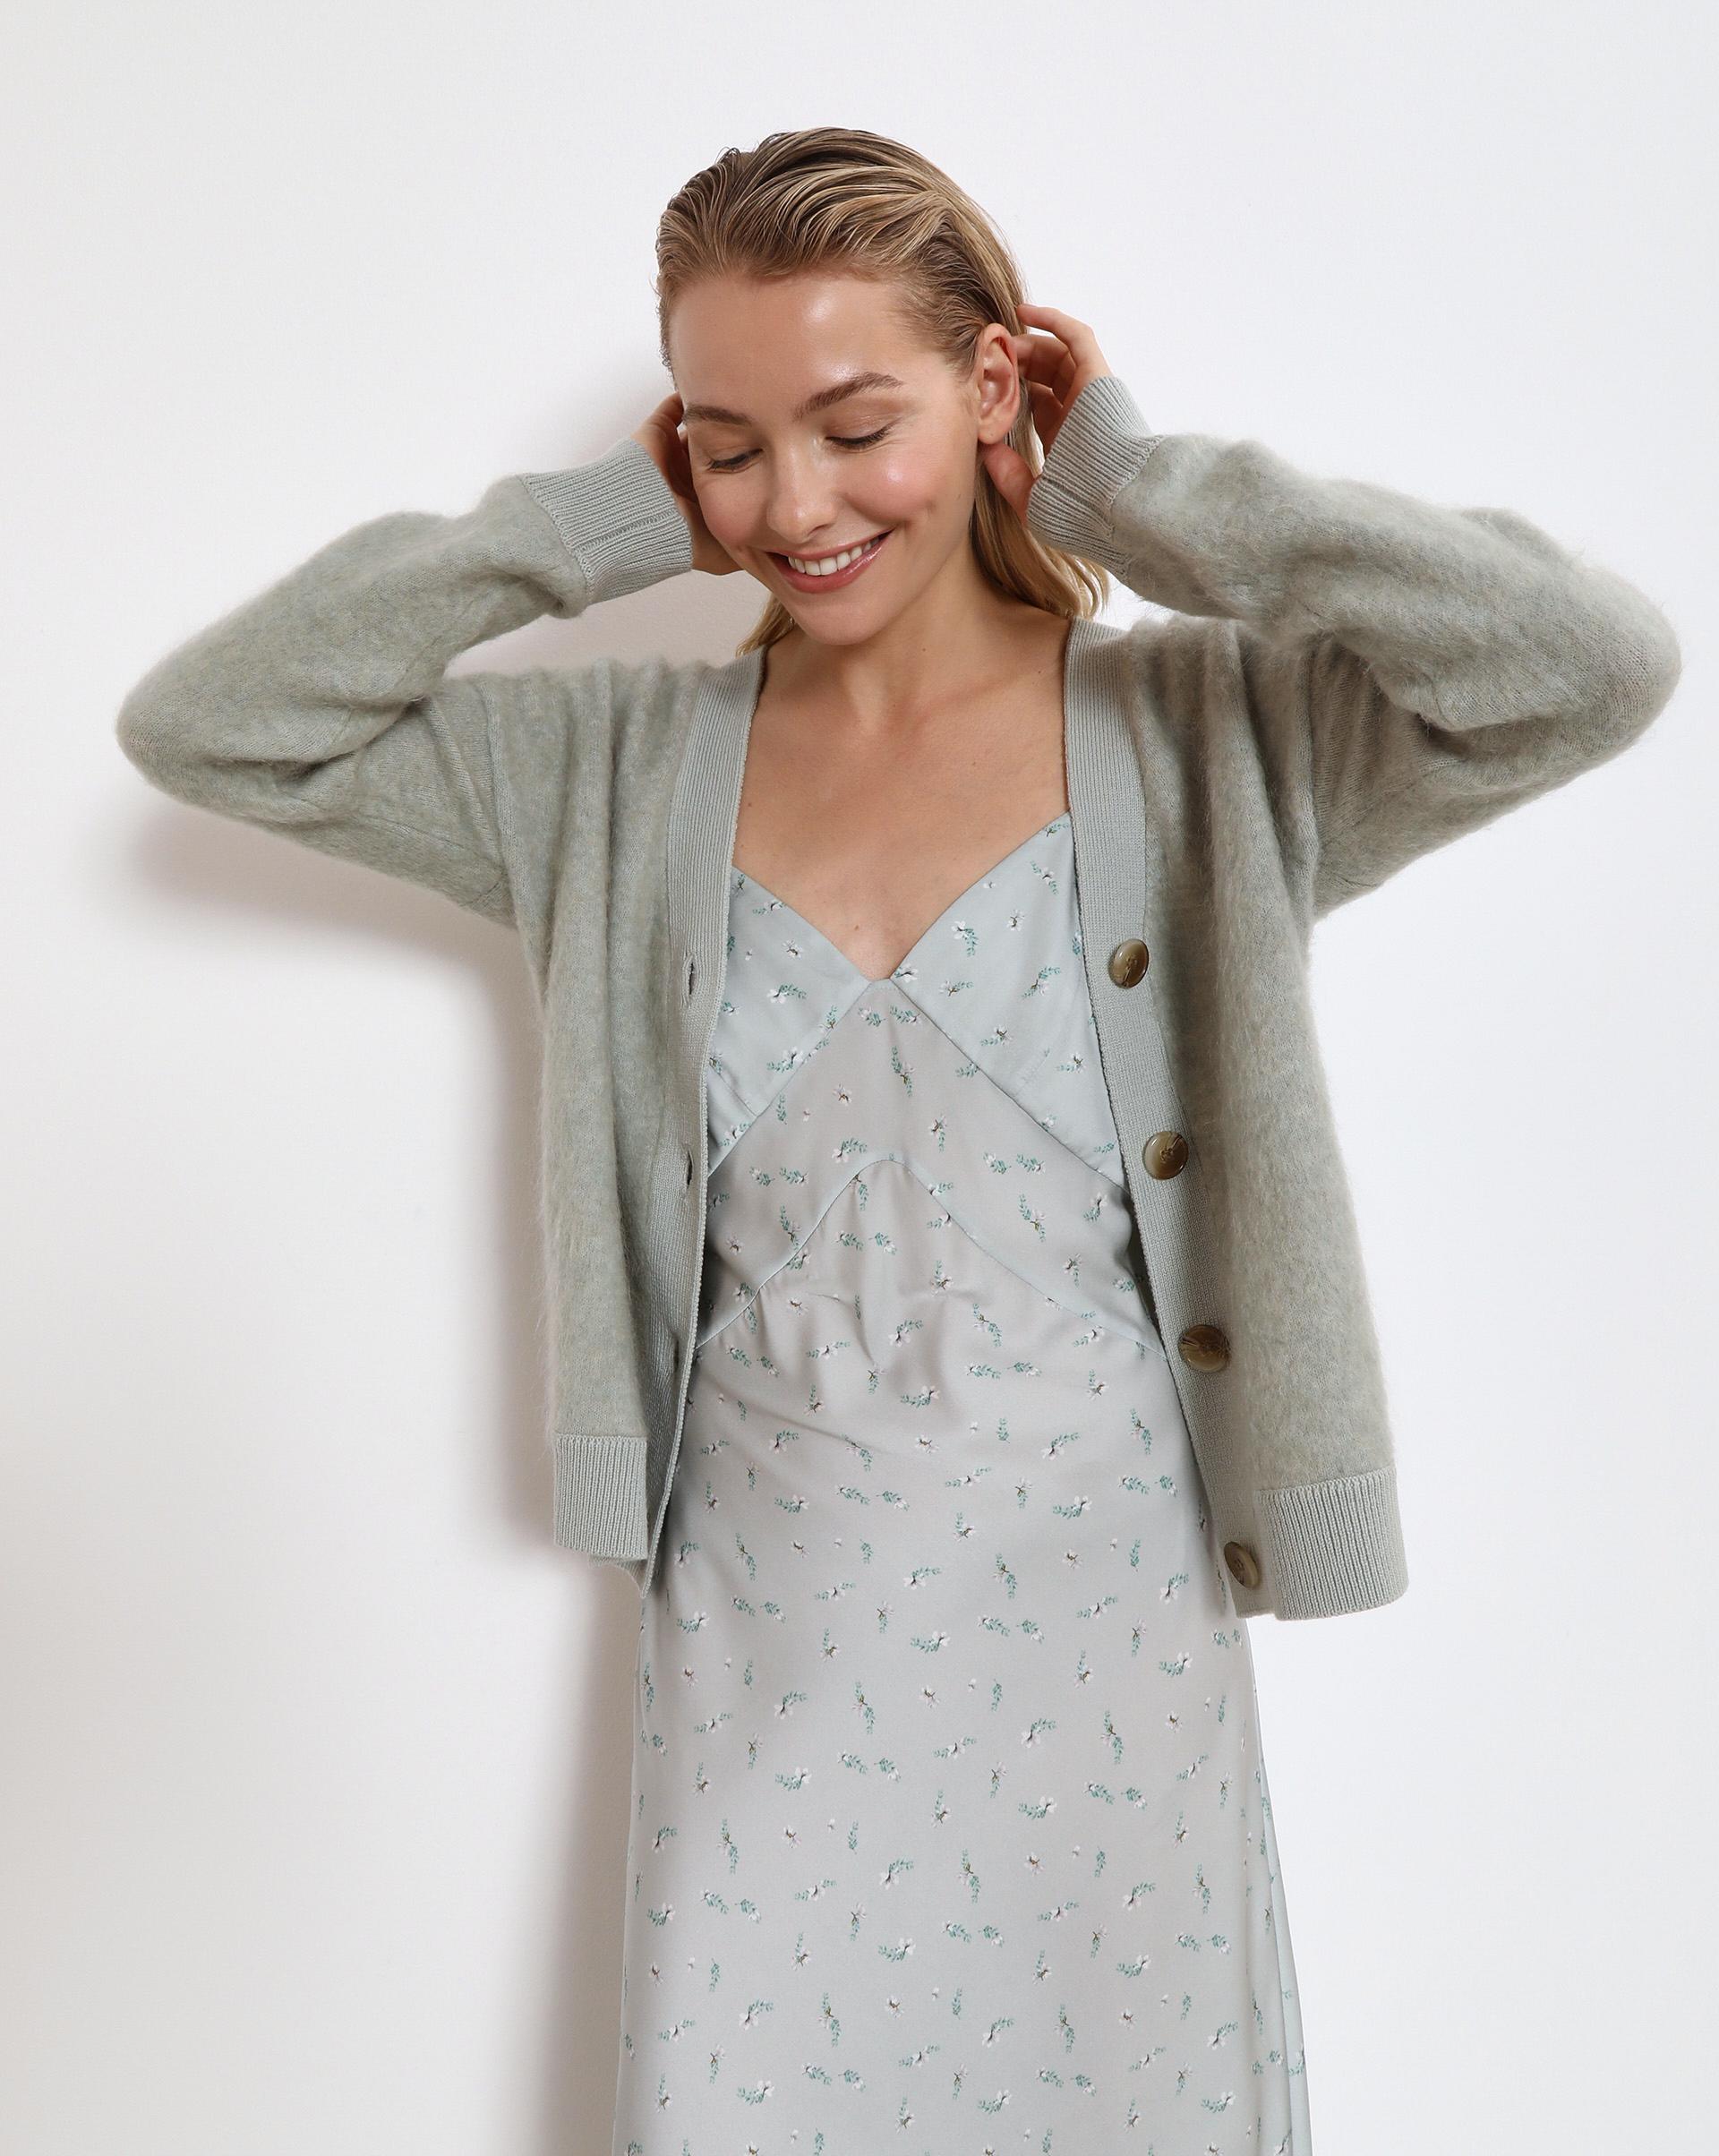 хертель л жакеты пальто куртки парки кардиганы шьем сами 1 выкройка 10 моделей 12⠀STOREEZ Платье-комбинация